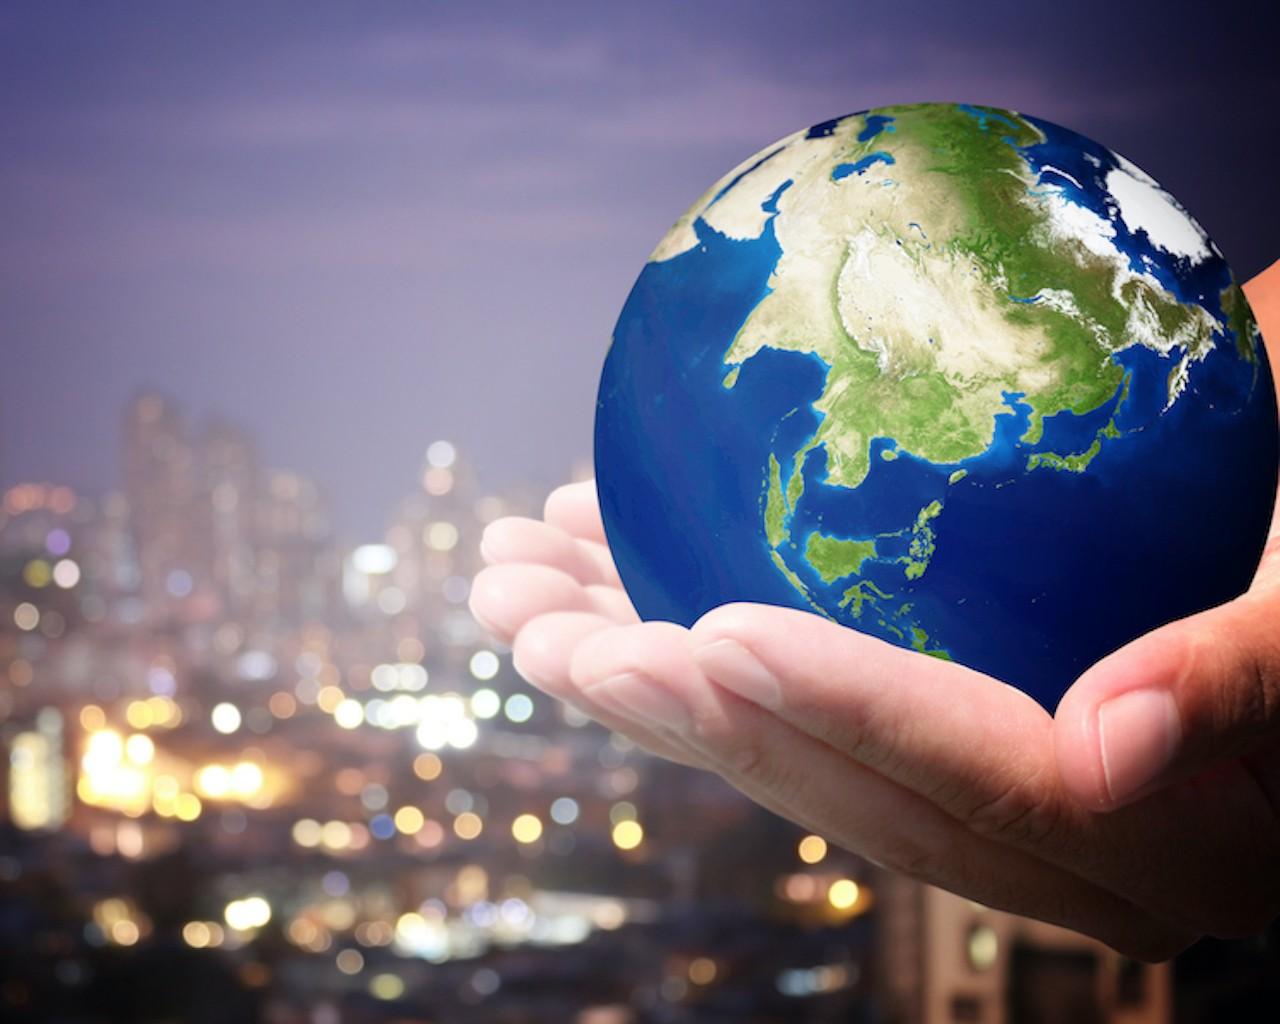 UNPRI-shutterstock 418822360 in Im Sog der grünen Welle: W&W verpflichtet sich zu mehr Nachhaltigkeit